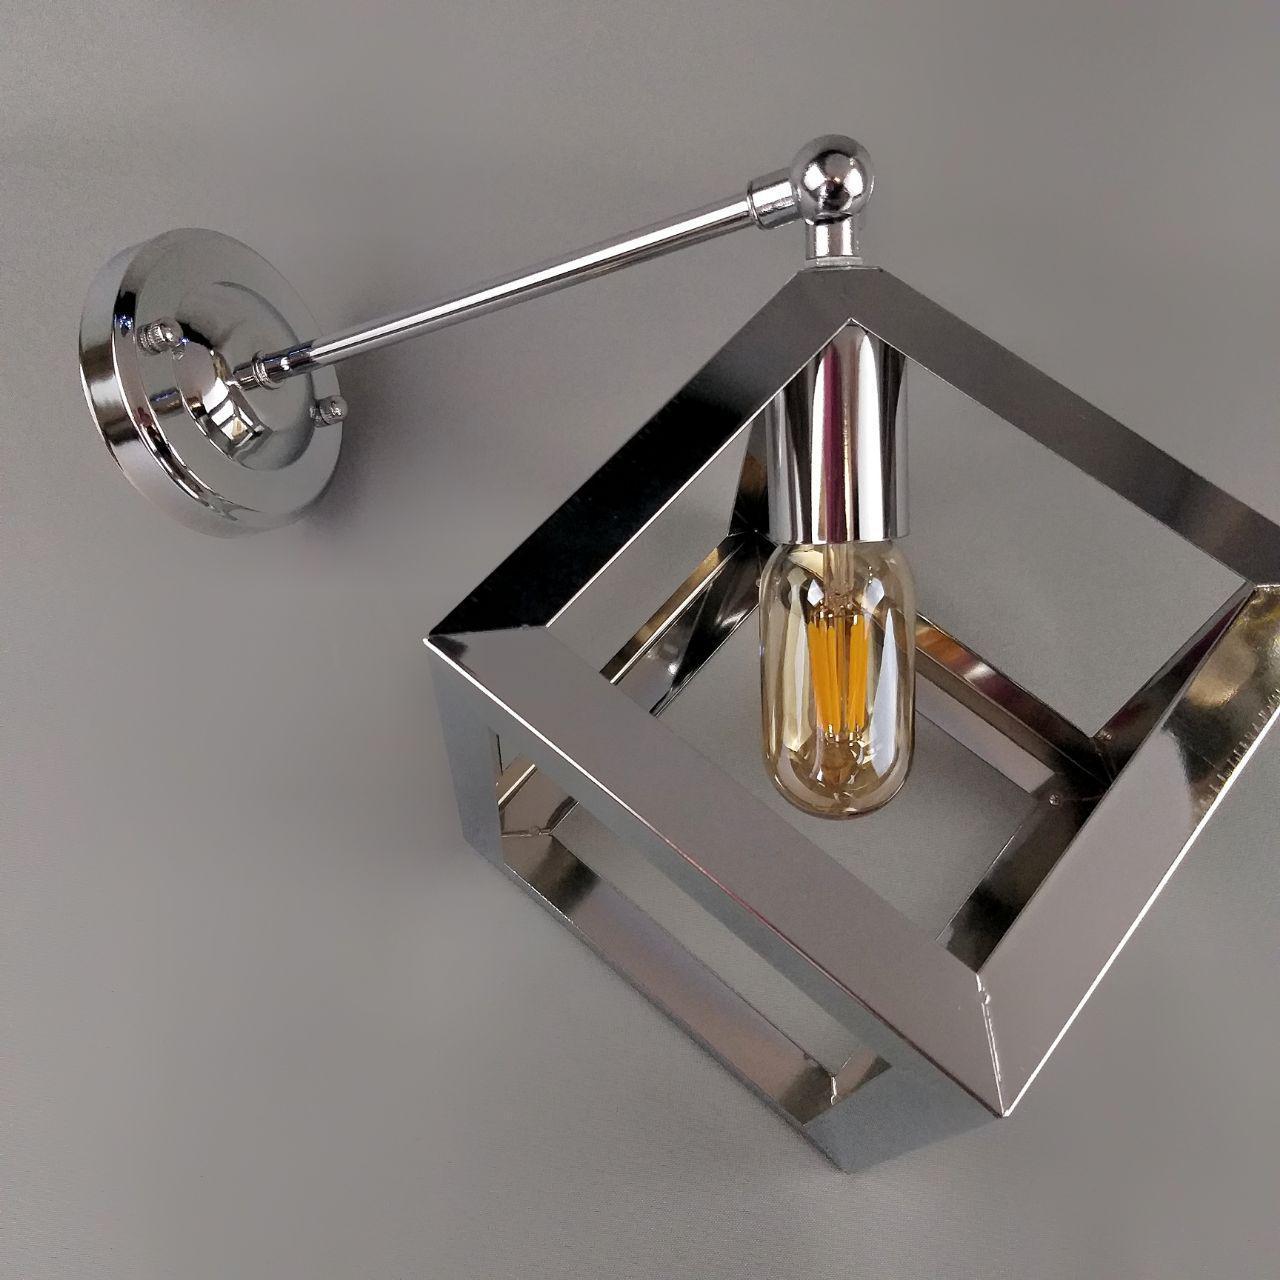 Бра на одну лампу в стиле лофт куб в хроме поворотное YS-TY001-A/1W CHROME